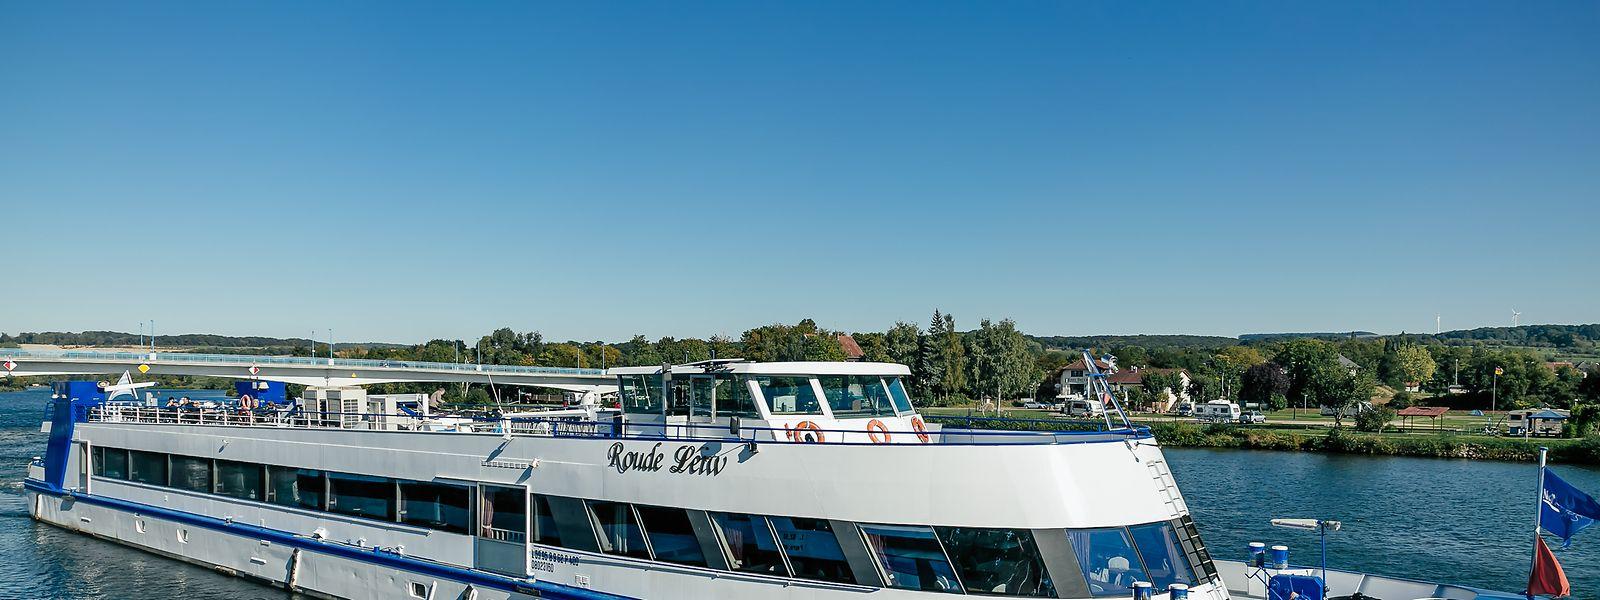 Barco de passageiros Roude Léiw já flutua na Mosela.